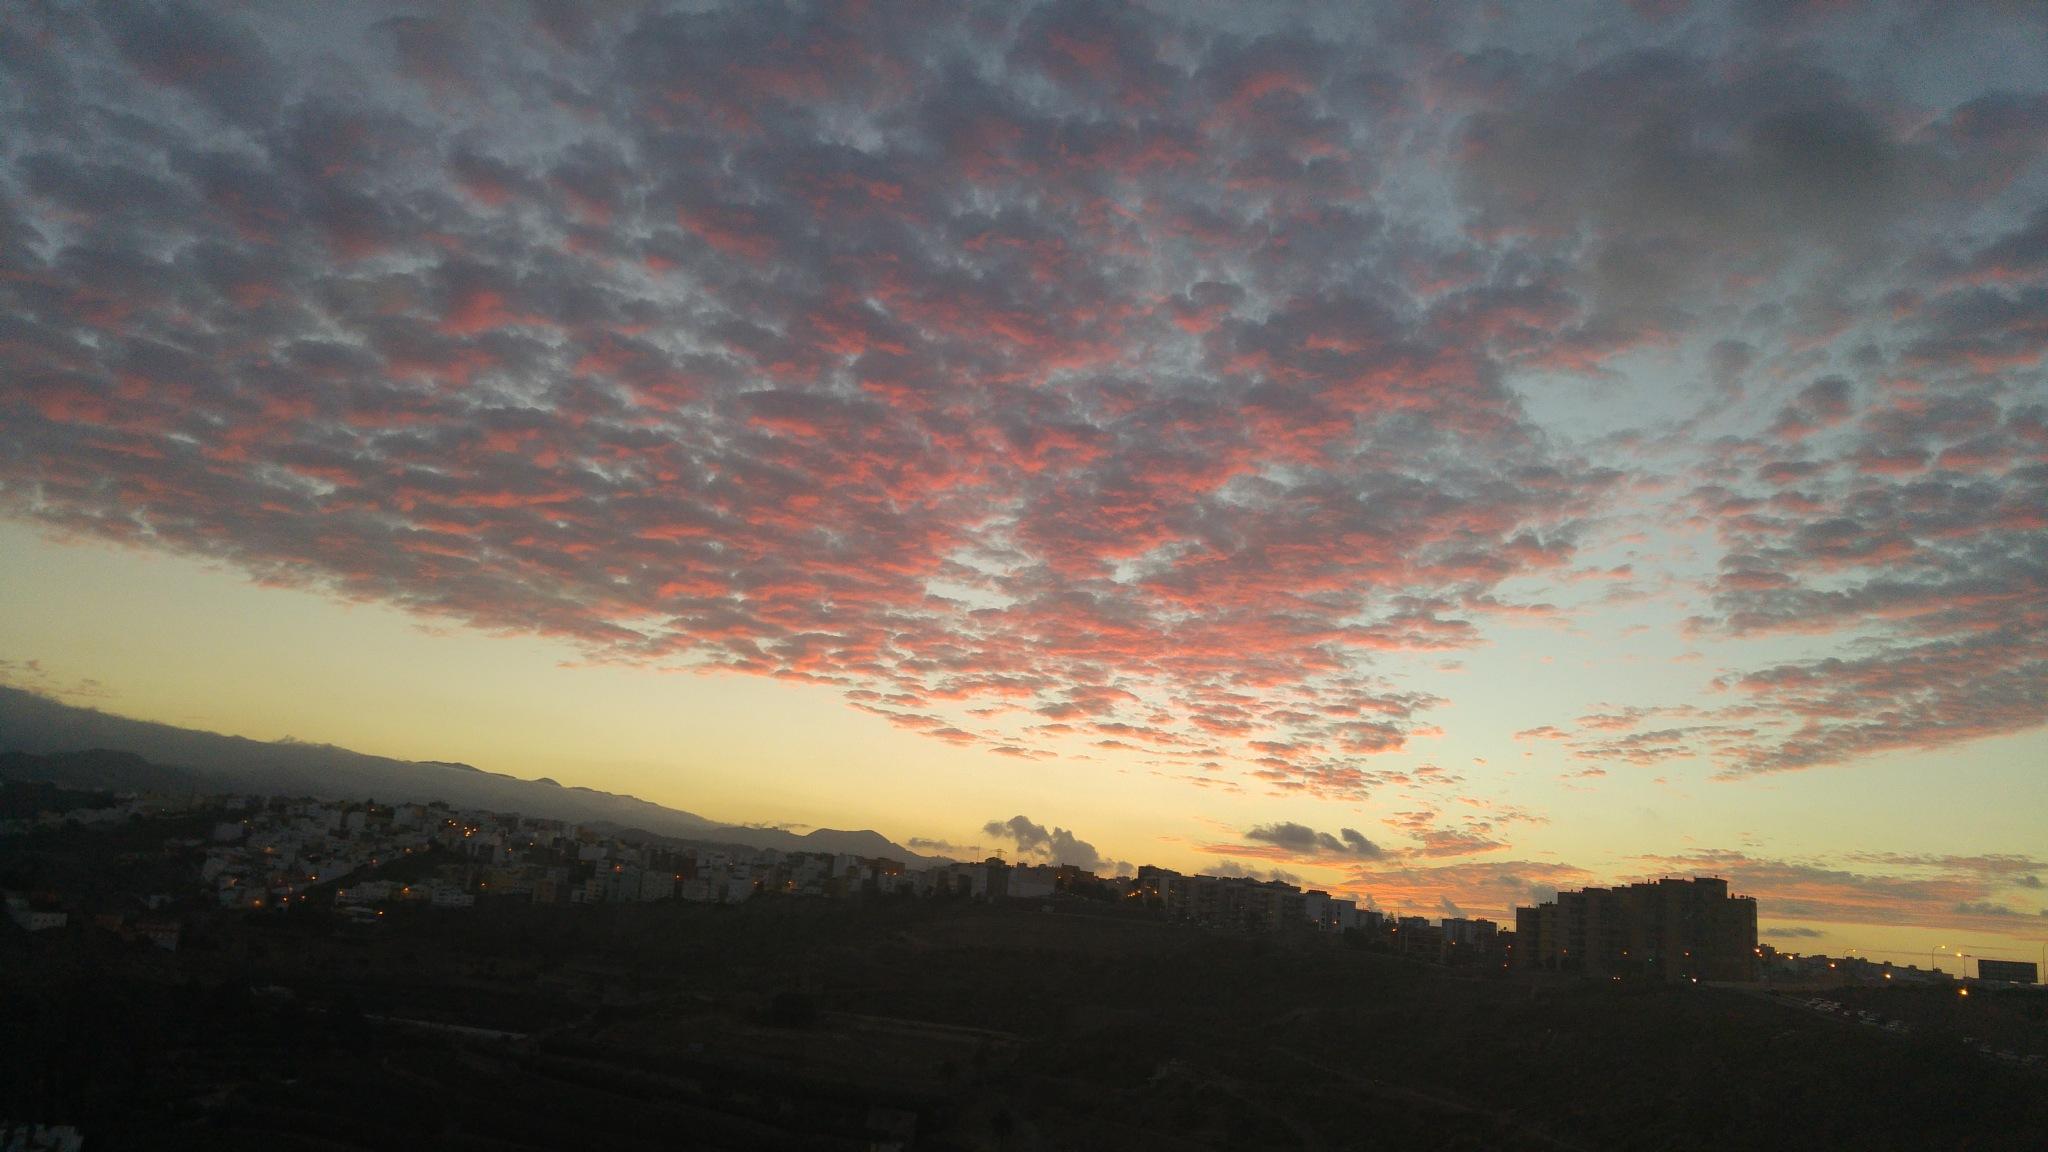 Beautiful sunset by Judy Fiol Núñez